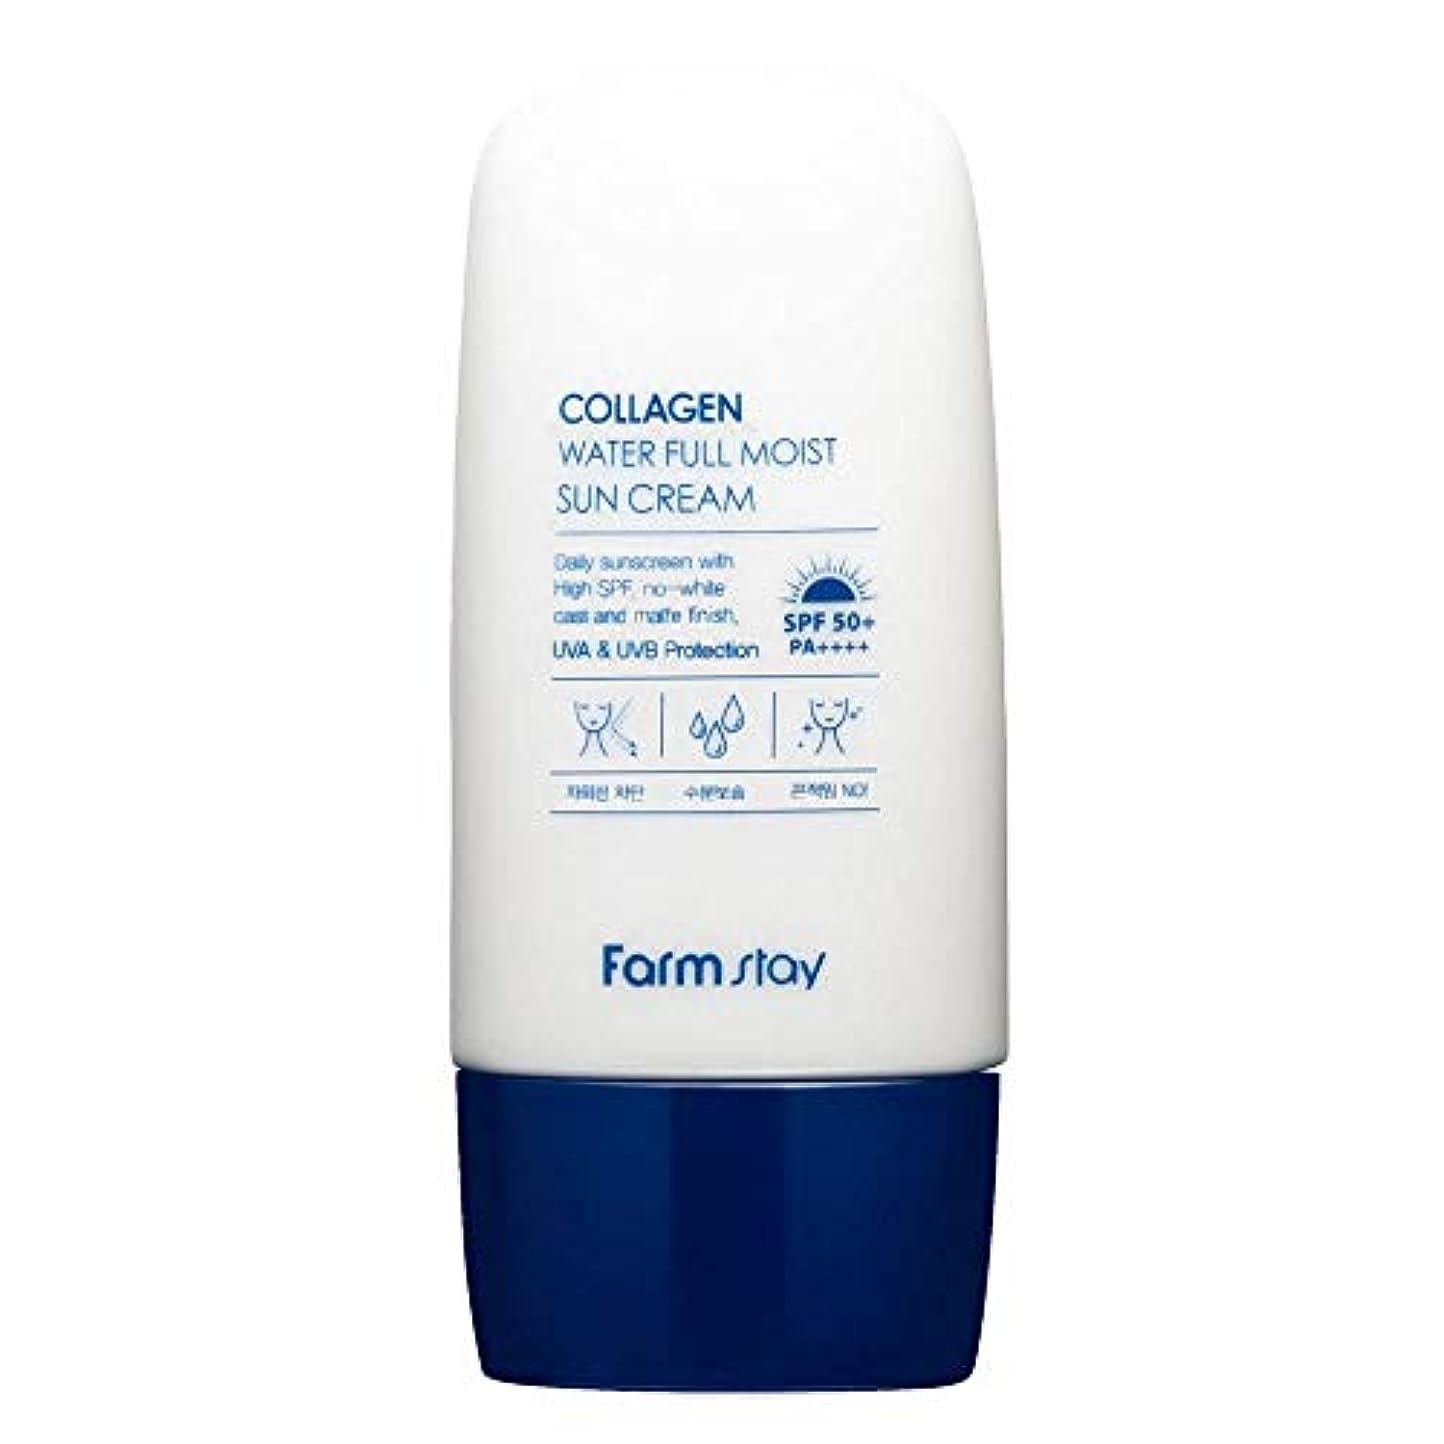 失速猛烈な蓄積するファームステイ[Farm Stay] コラーゲンウォーターフルモイストサンクリーム45g / Collagen Water Full Moist Sun Cream